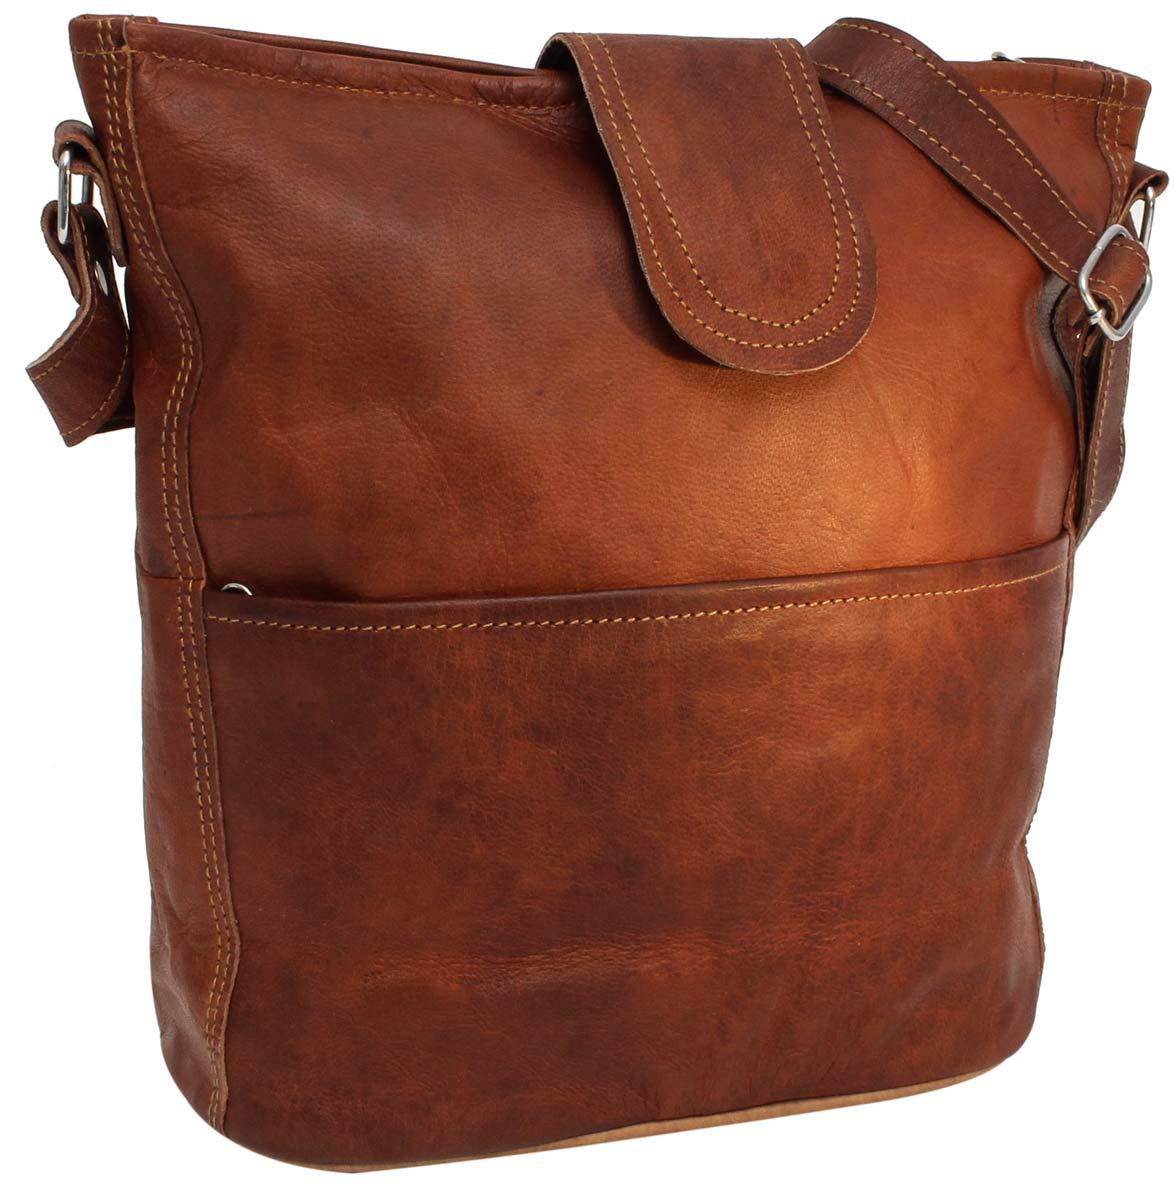 5c73576cfc69e Taschen